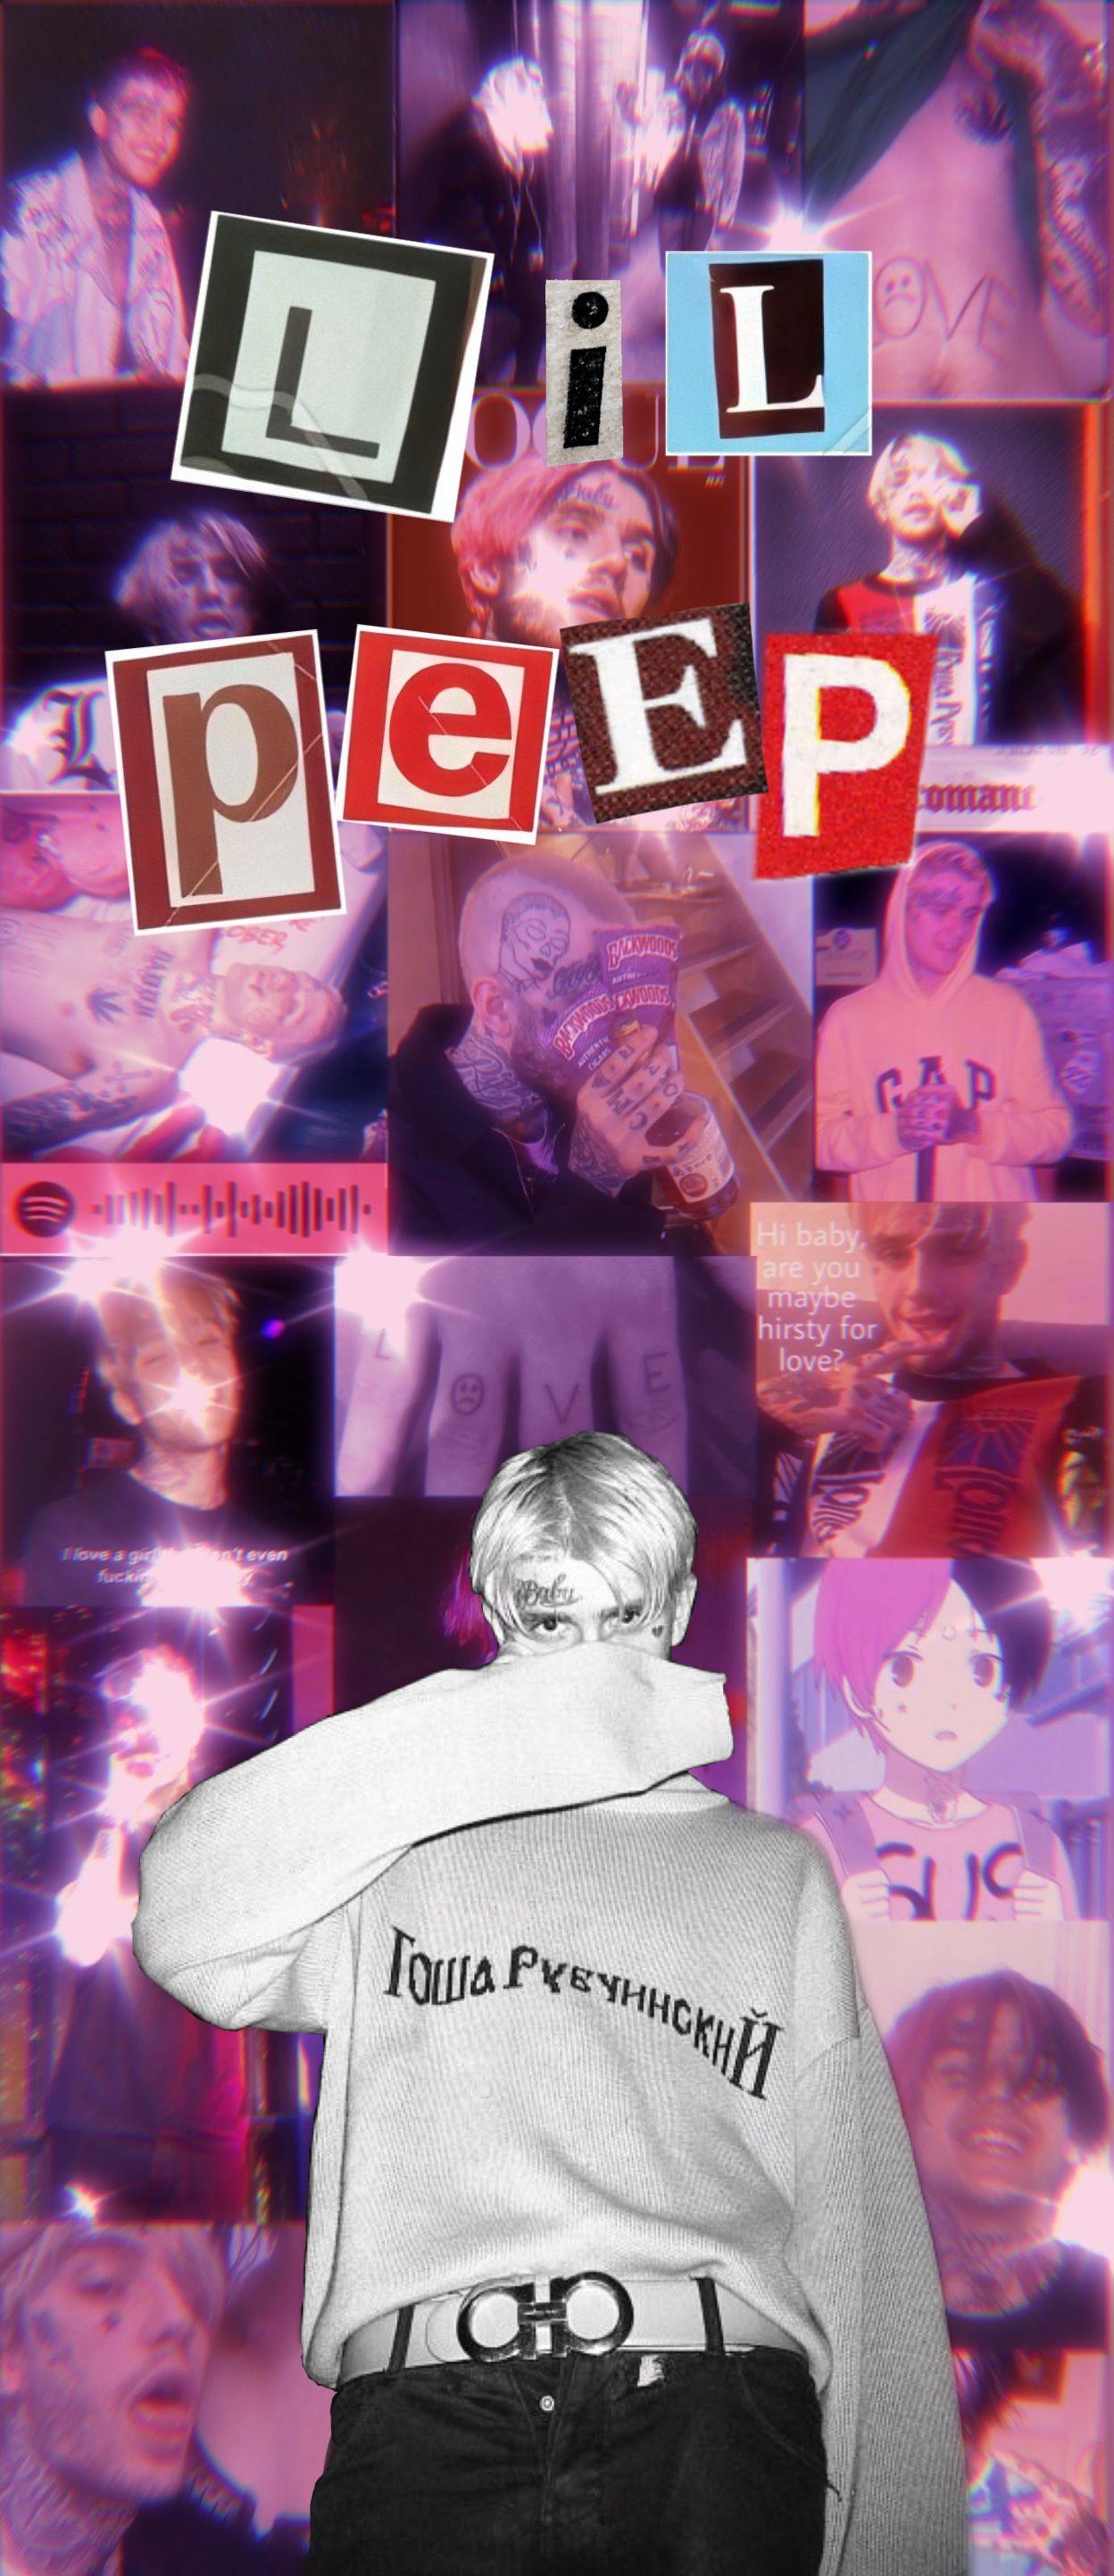 Lil Peep Wallpaper Lilpeep Hellboy Beamerboy Lil Peep Live Forever Lil Peep Lyrics Lil Peep Live